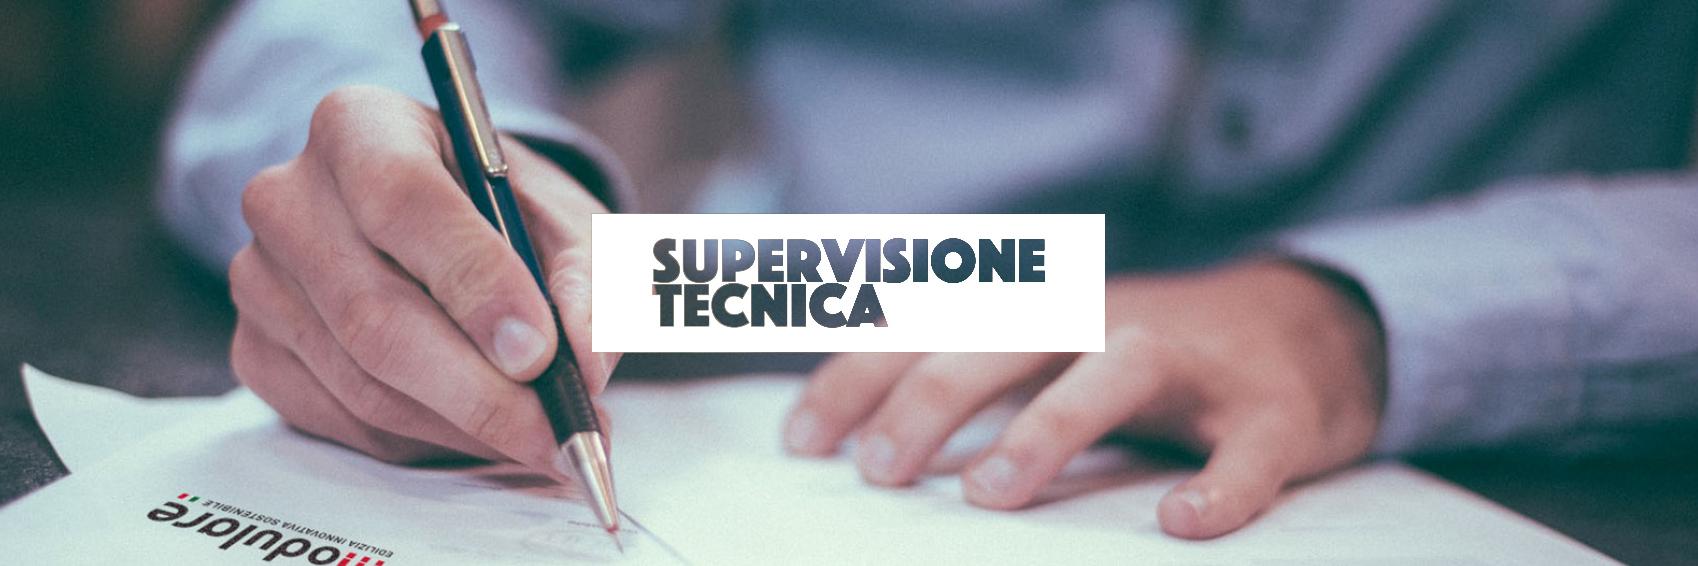 Supervisione Tecnica